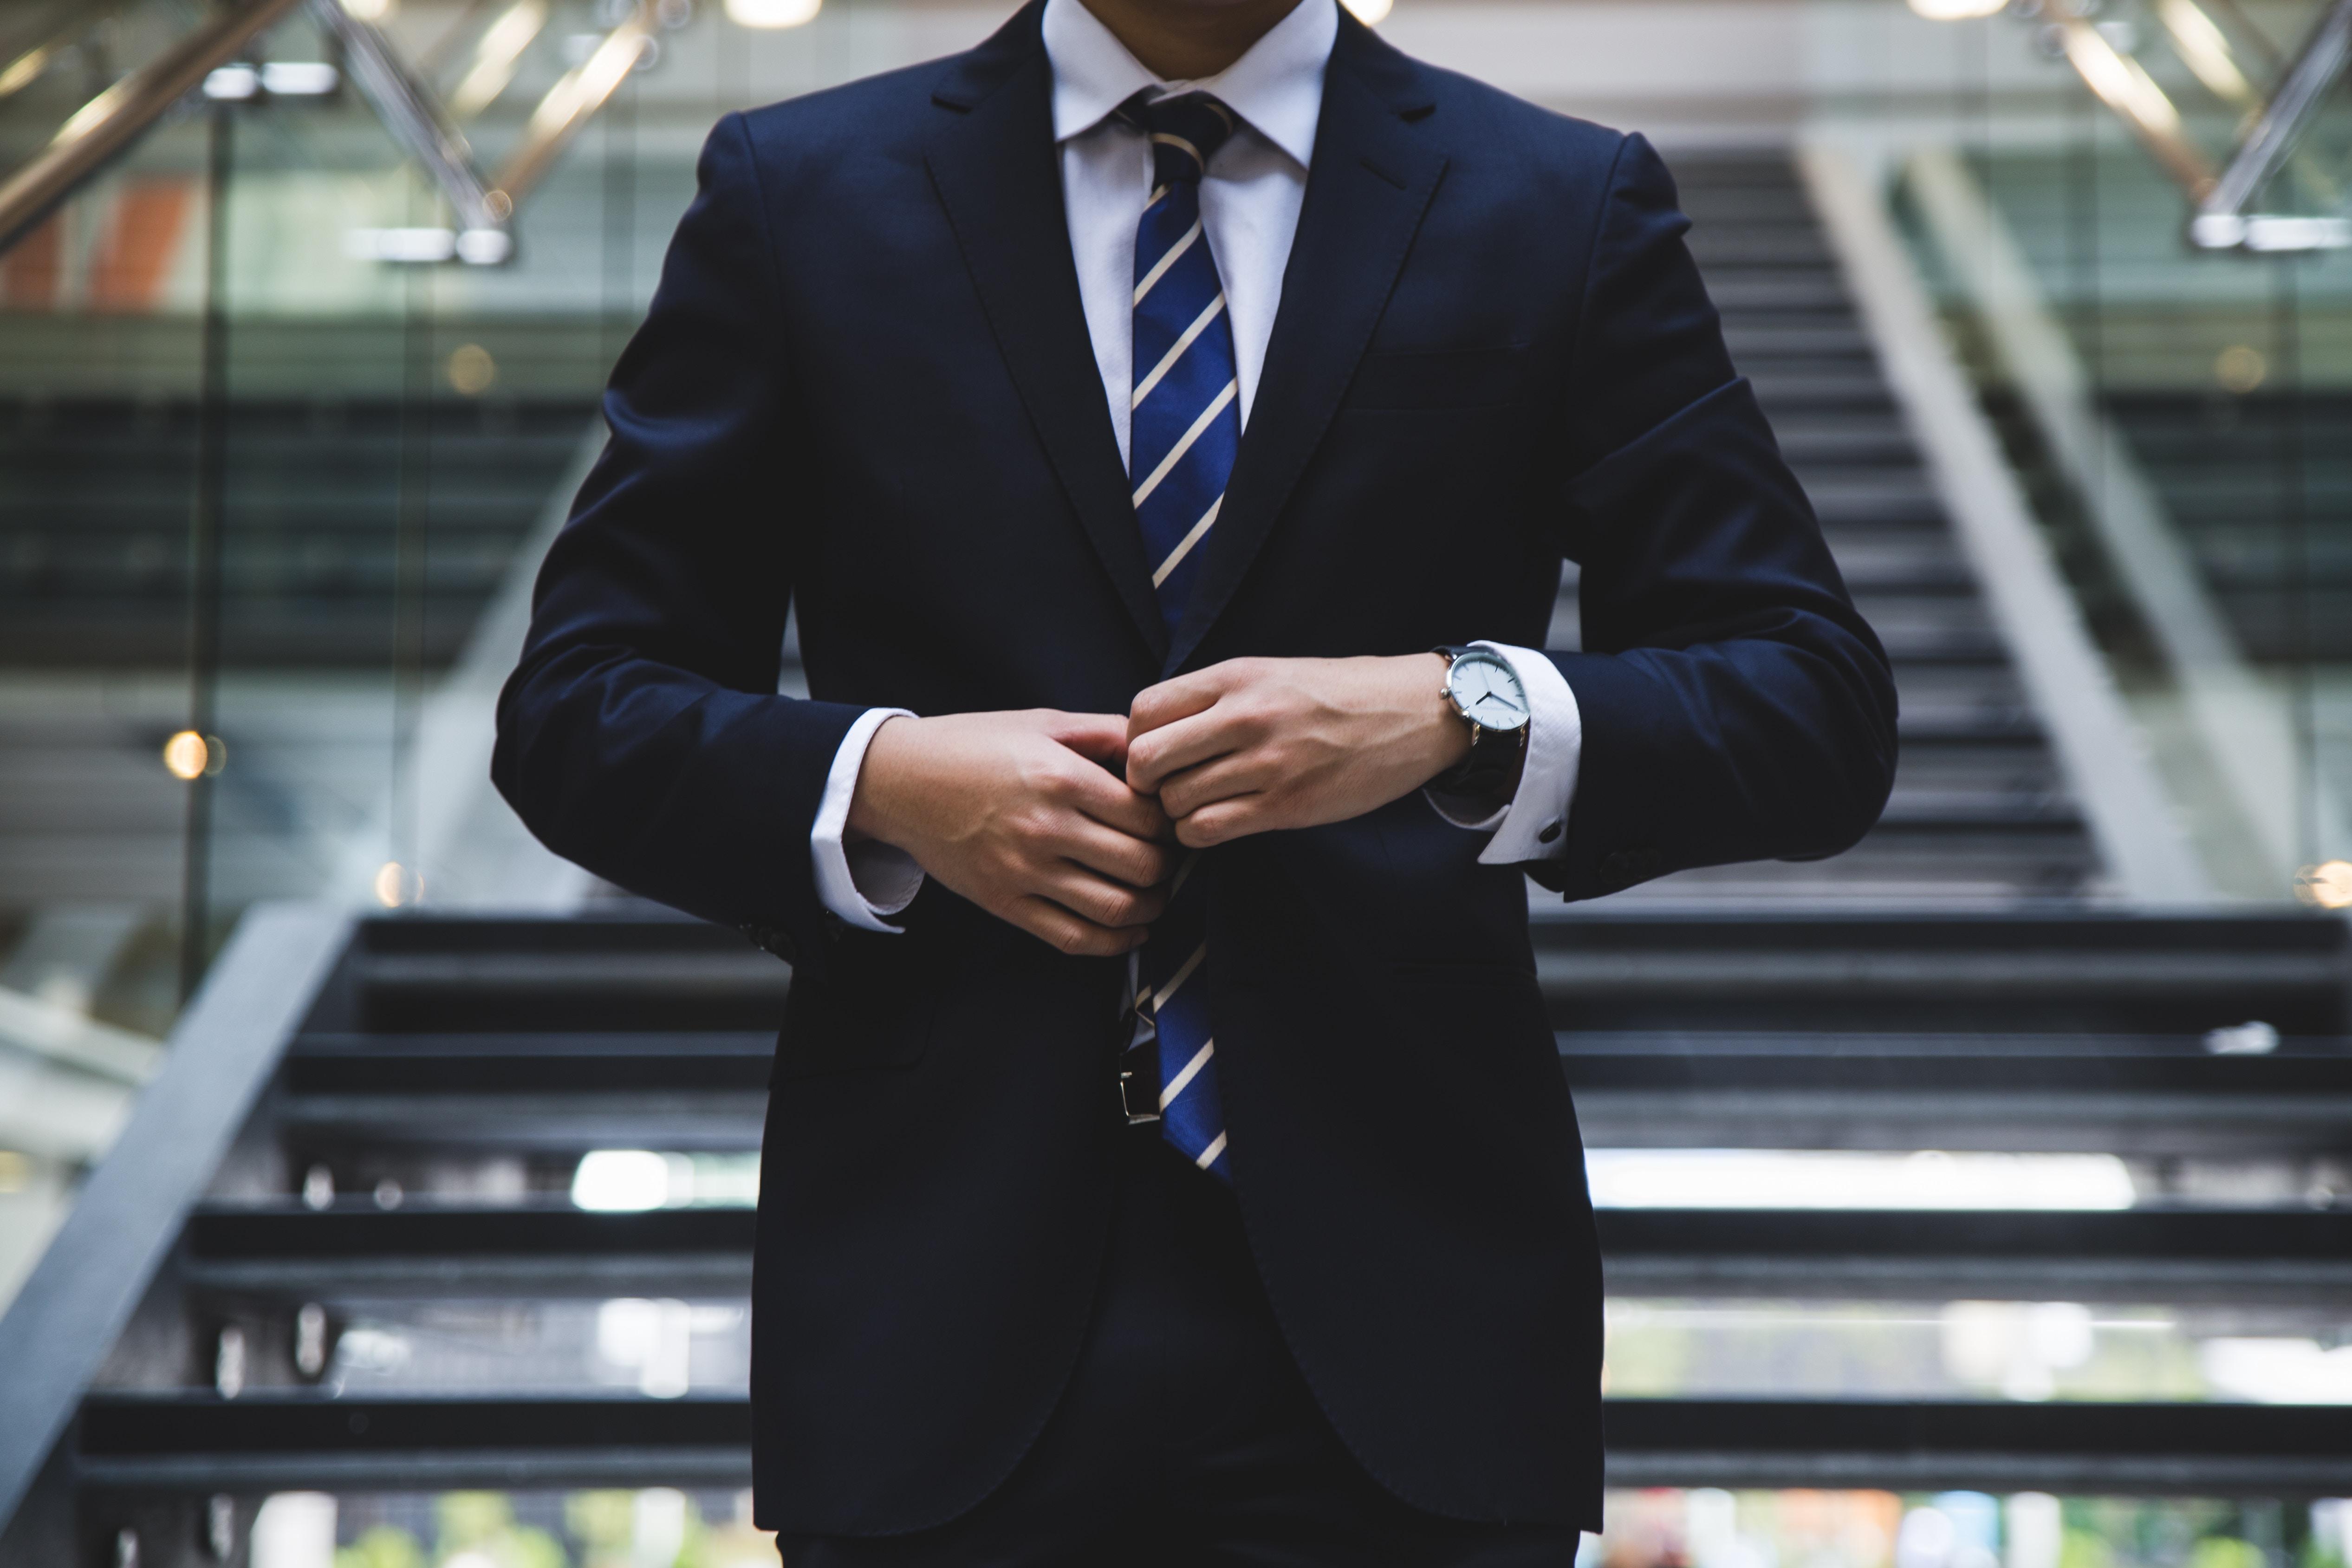 Sociedad Limitada Nueva Empresa - Finutive